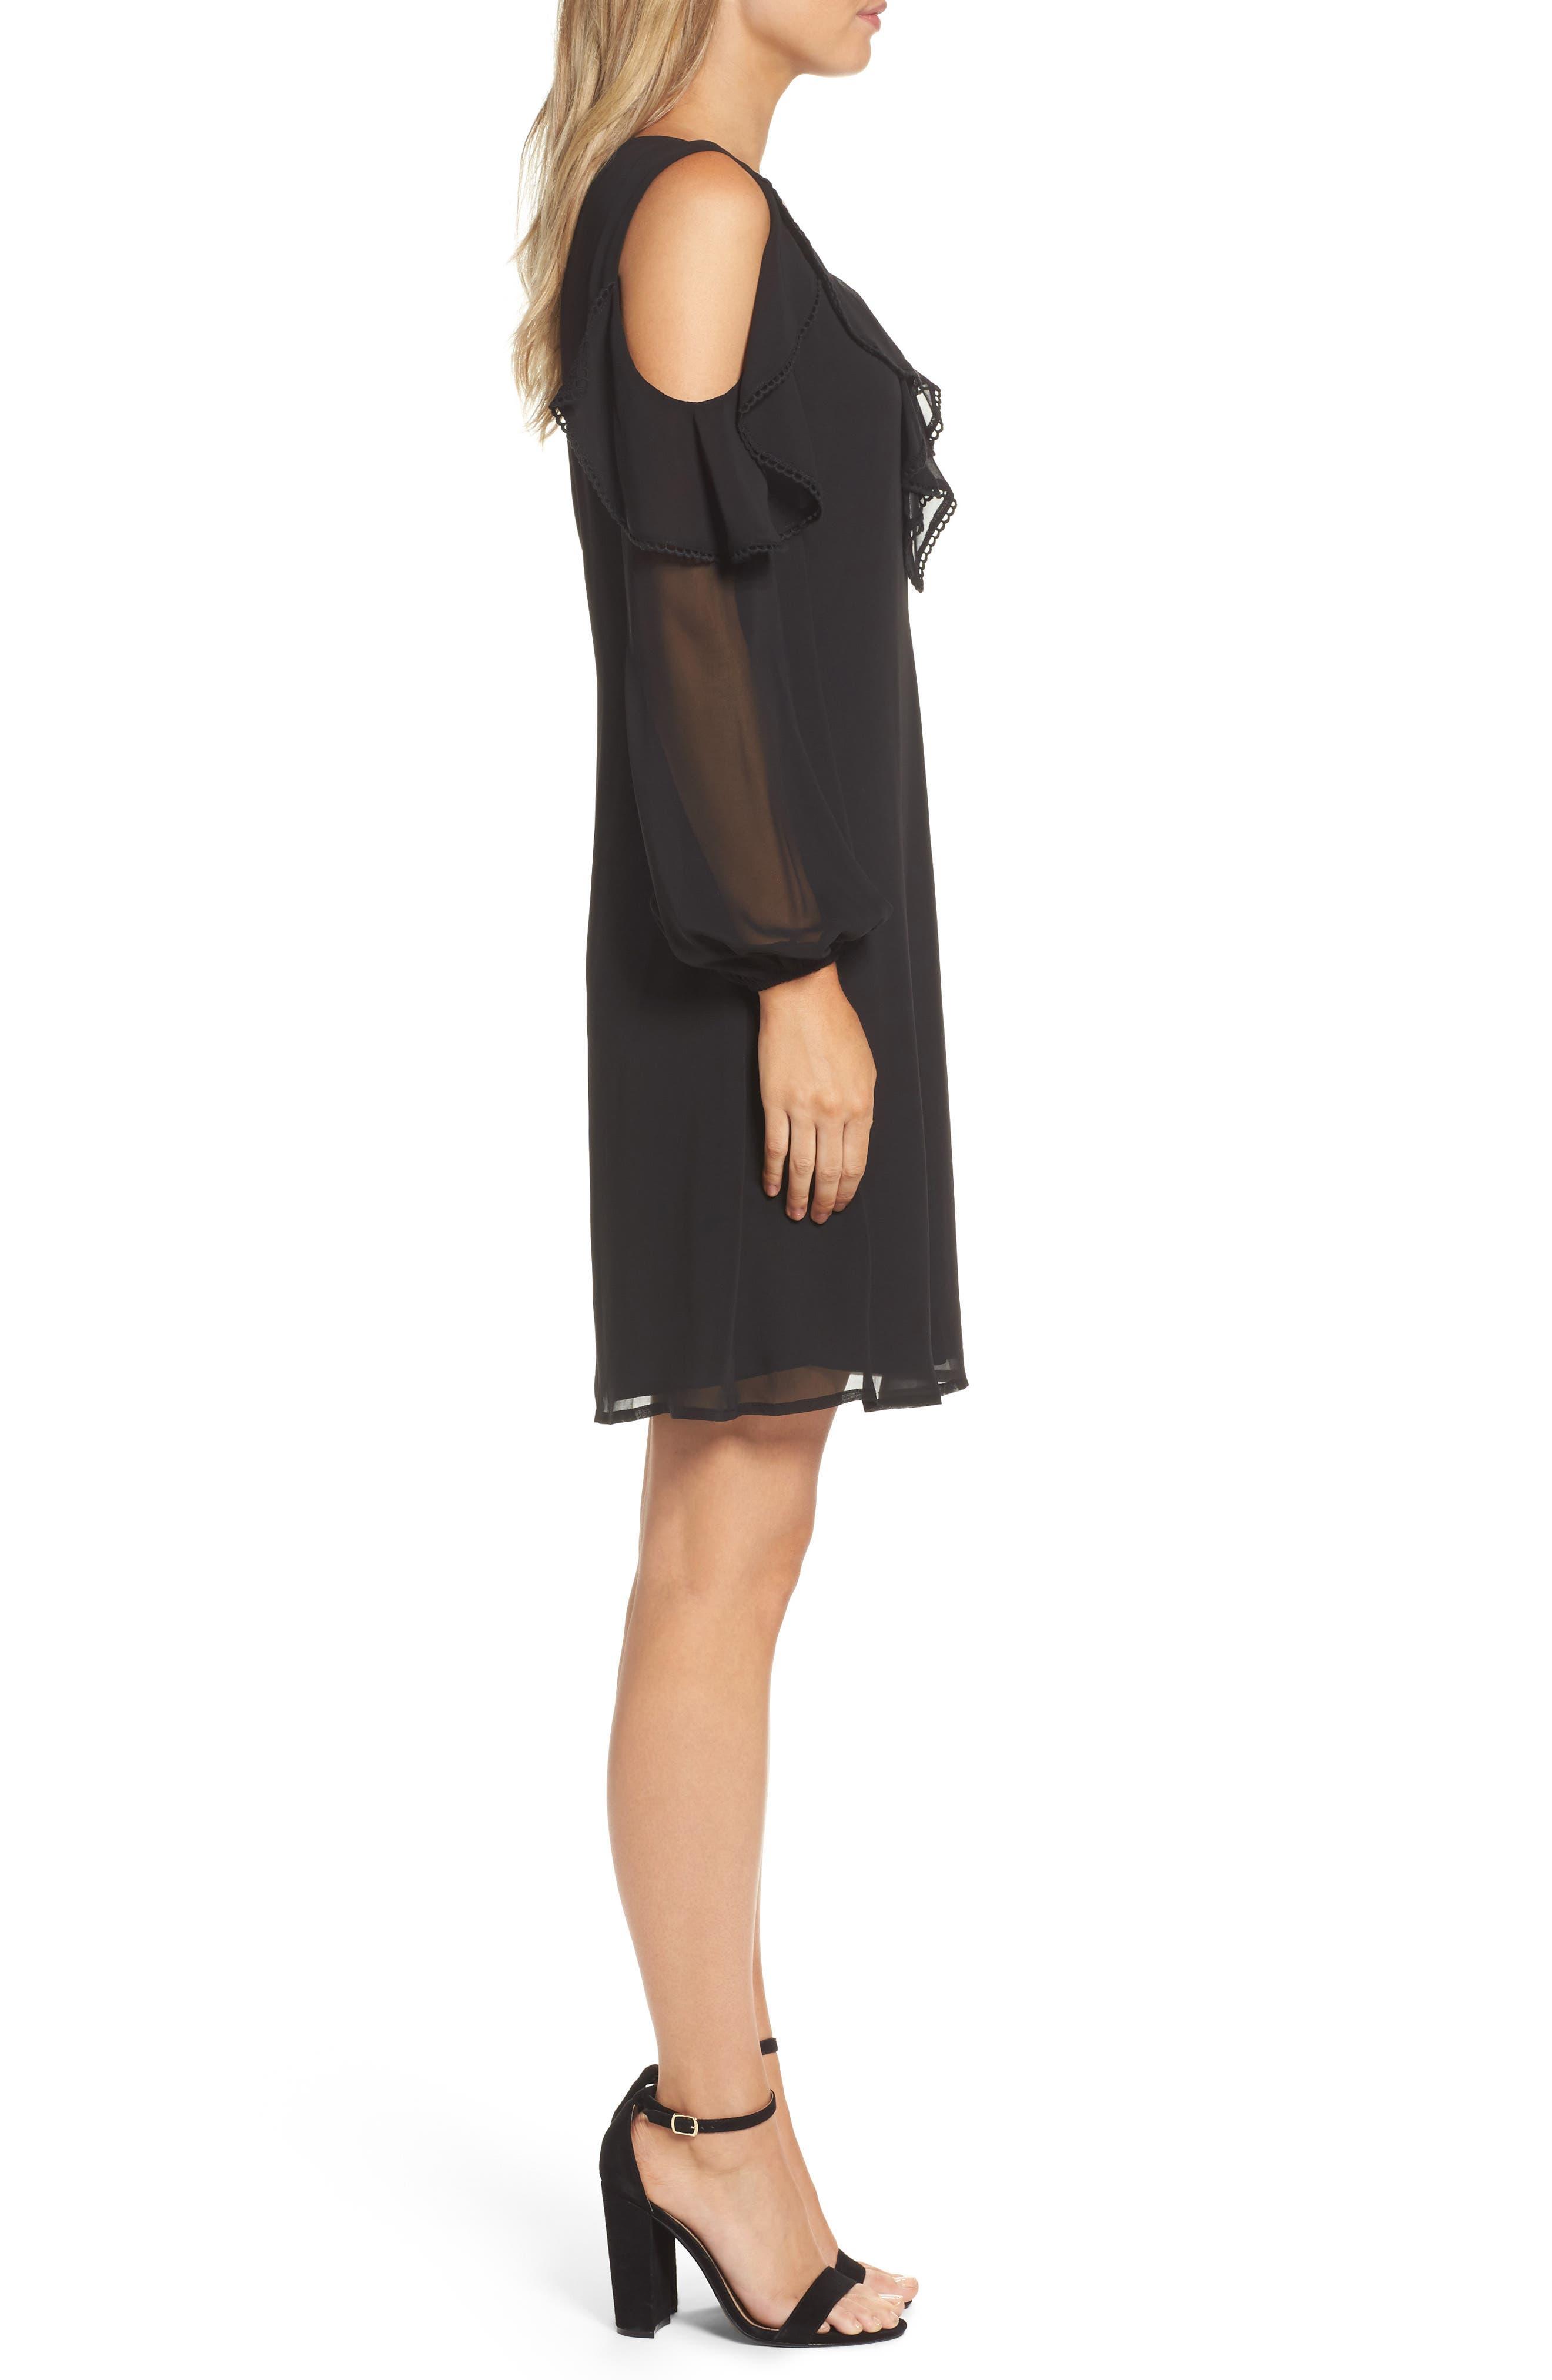 TAYLOR DRESSES,                             Chiffon Cold Shoulder A-Line Dress,                             Alternate thumbnail 3, color,                             001